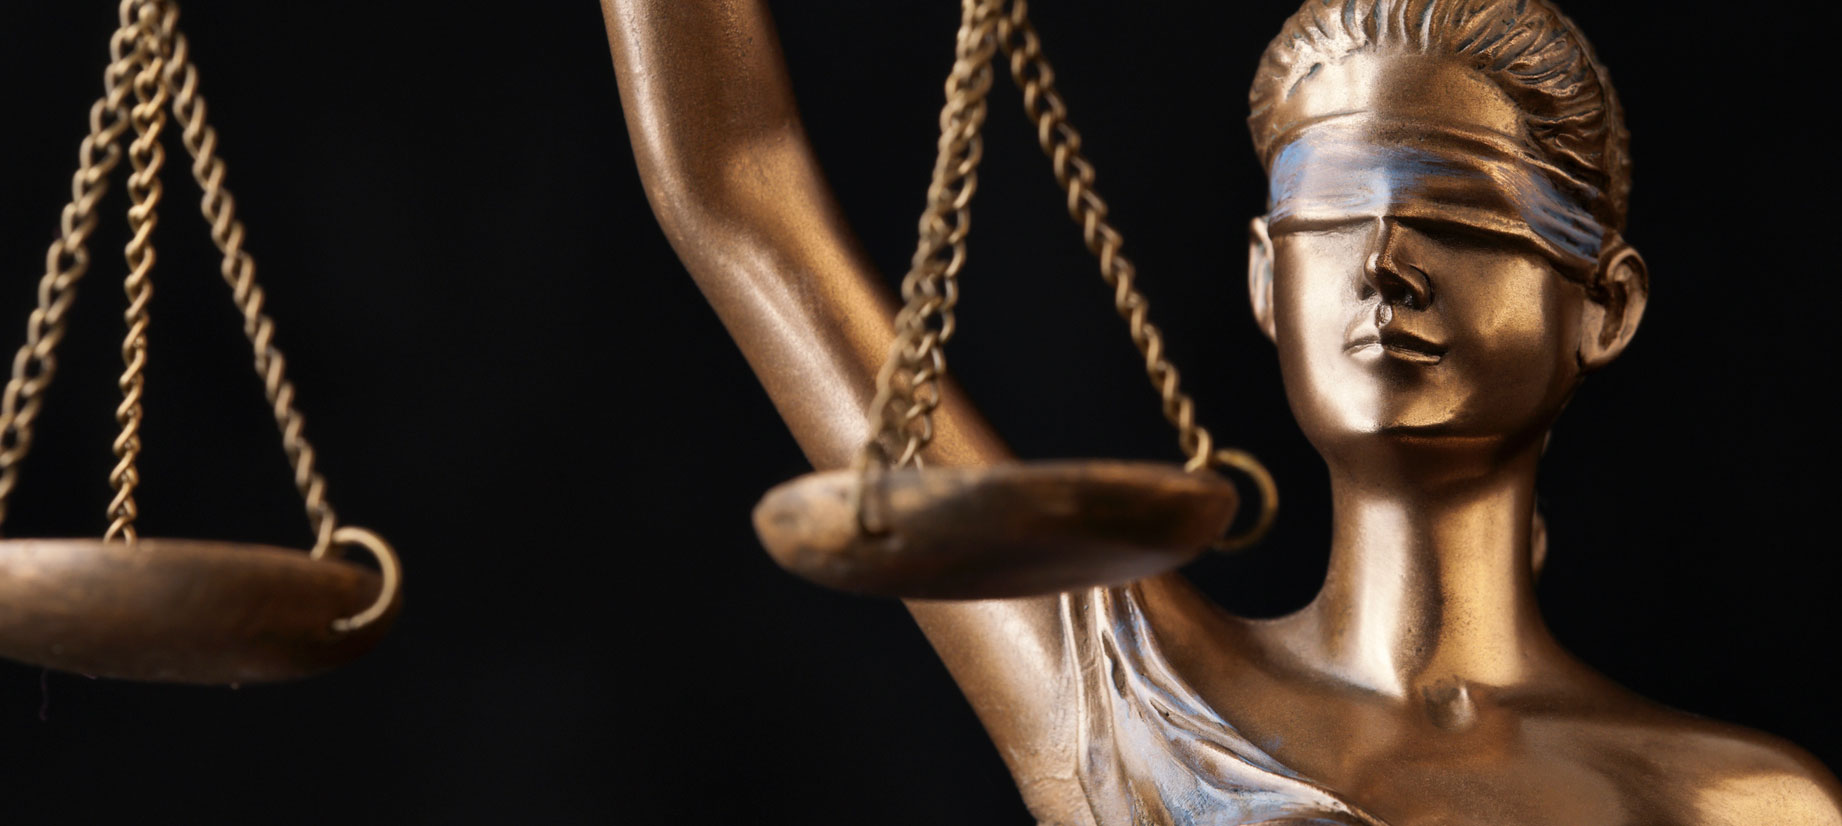 Posts Tagged Judge Charles L Patton Chandra Law Blog Chandra